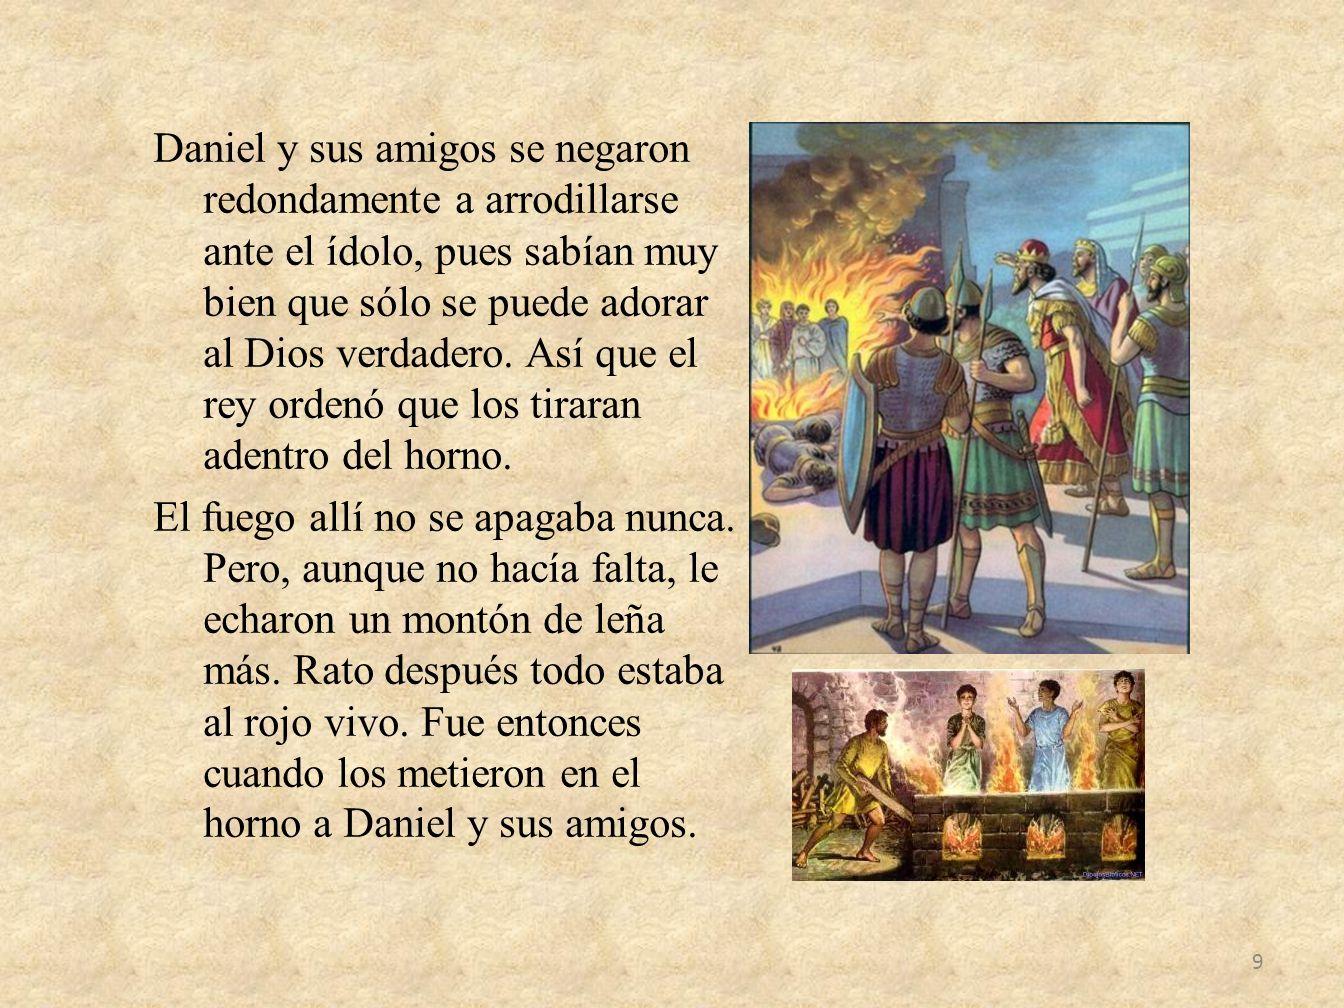 Daniel y sus amigos se negaron redondamente a arrodillarse ante el ídolo, pues sabían muy bien que sólo se puede adorar al Dios verdadero. Así que el